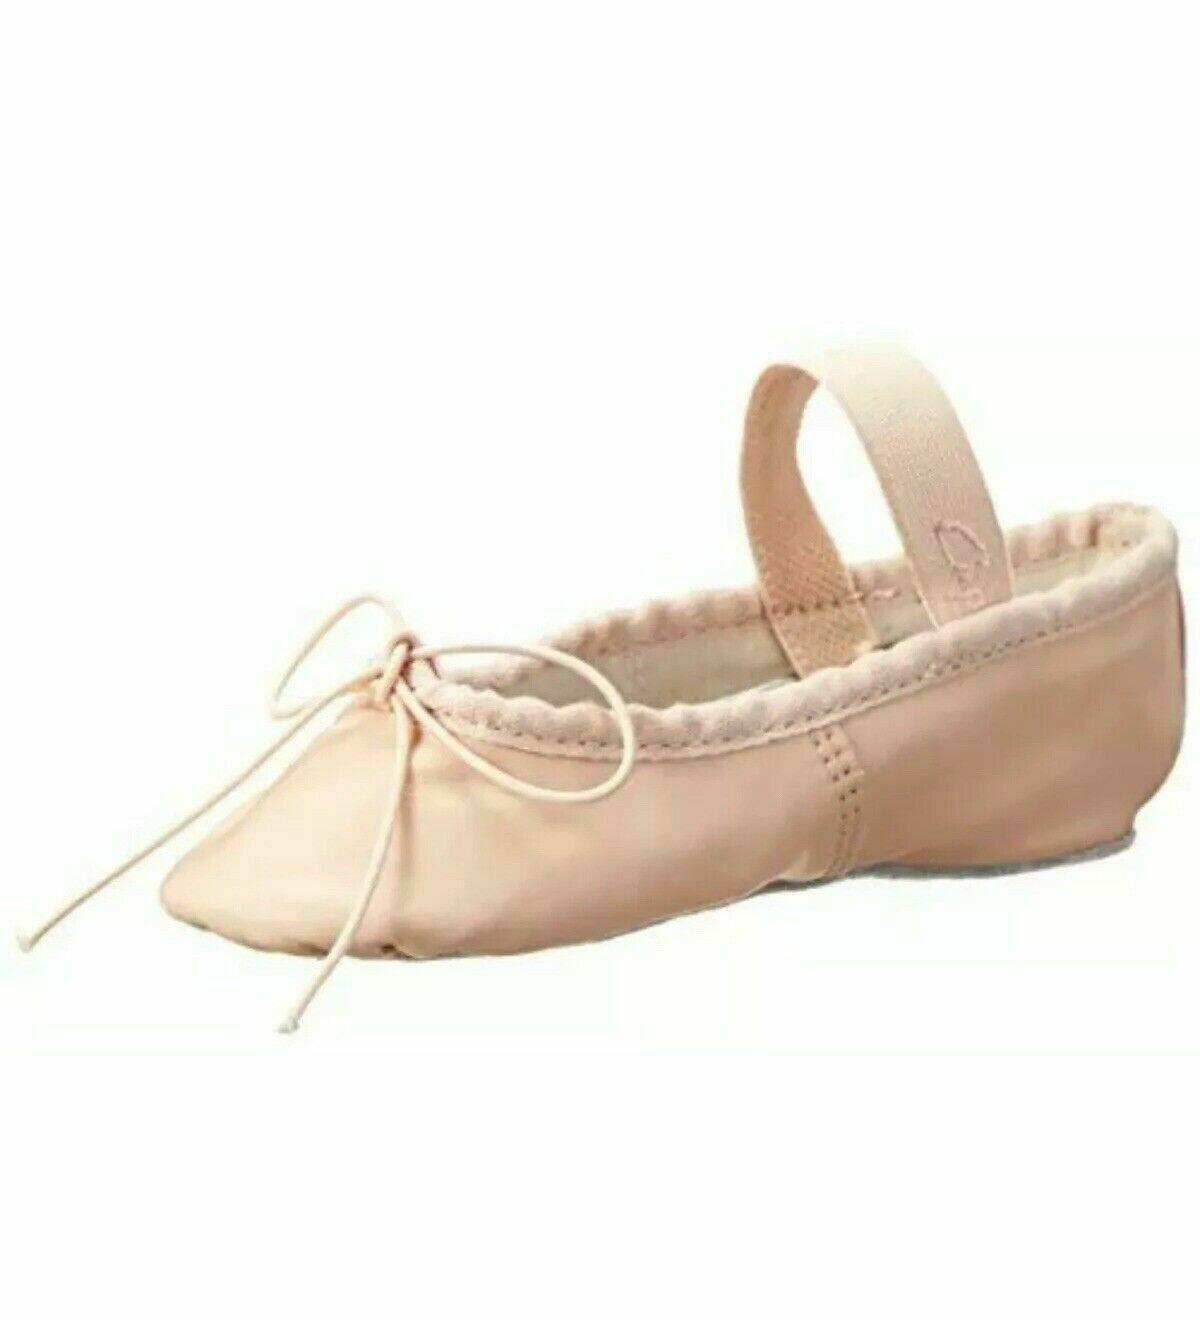 Capezio Adult Teknik 200 NPK Pink Full Sole Ballet Shoe Size 4.5C 4.5 C